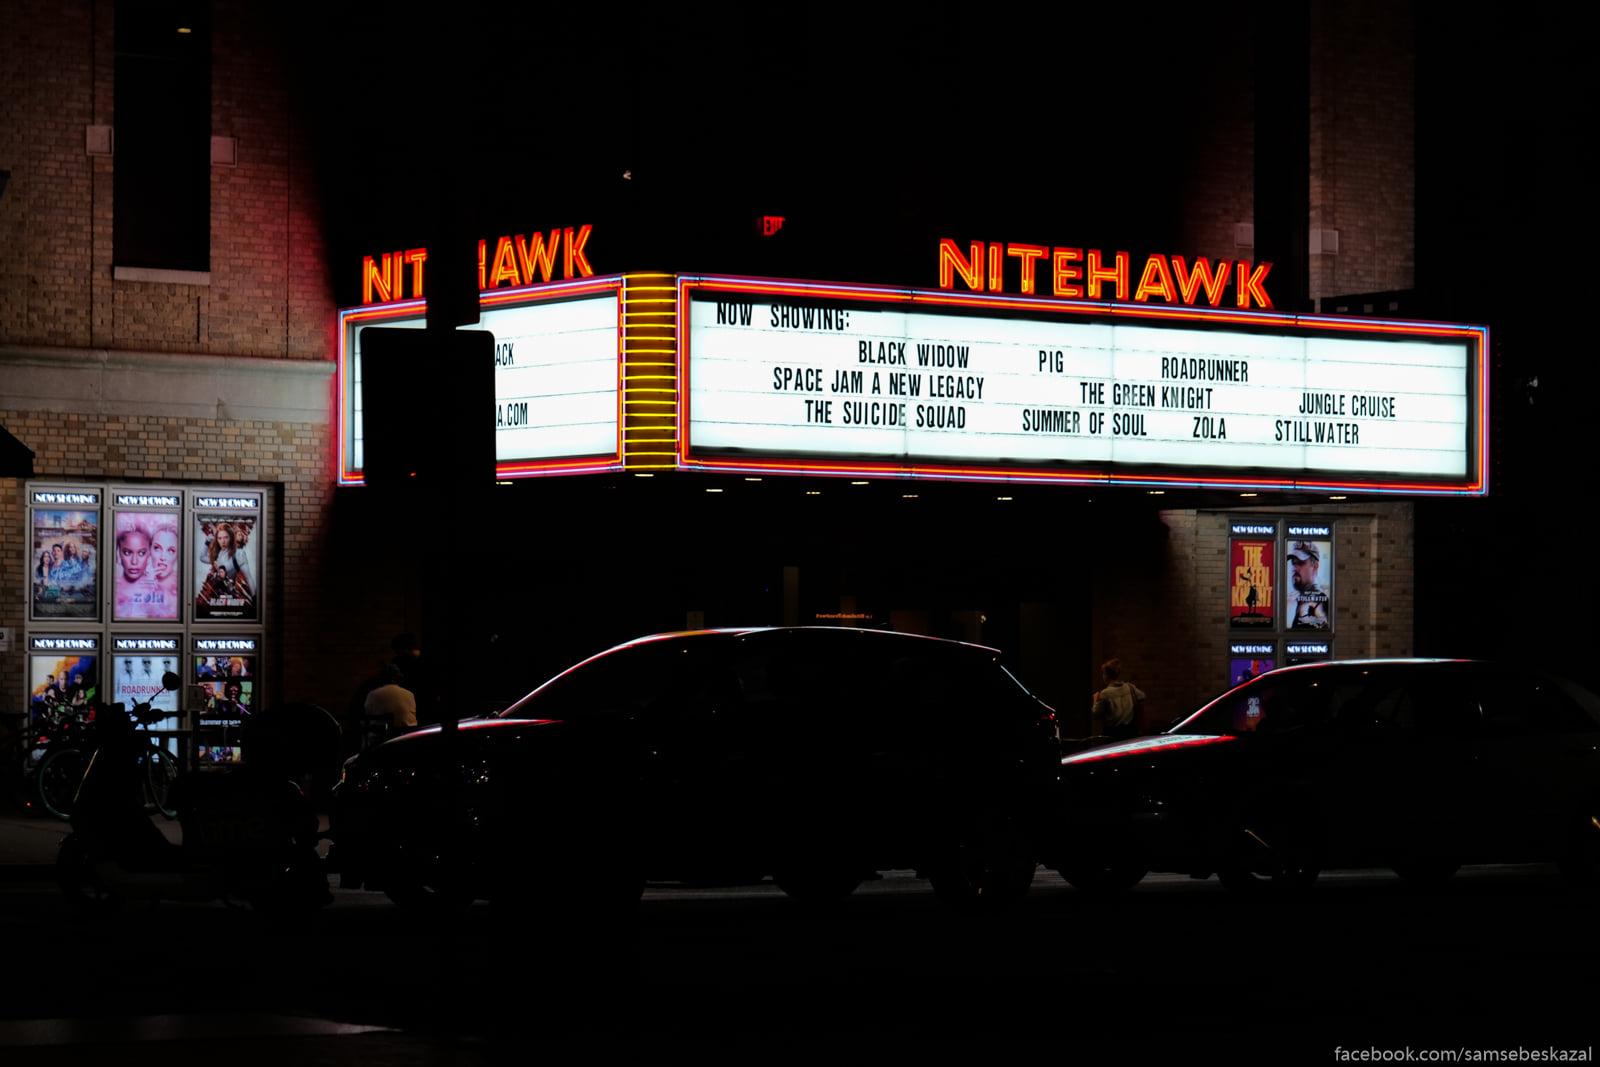 Kinoteatr naprotiv parka....